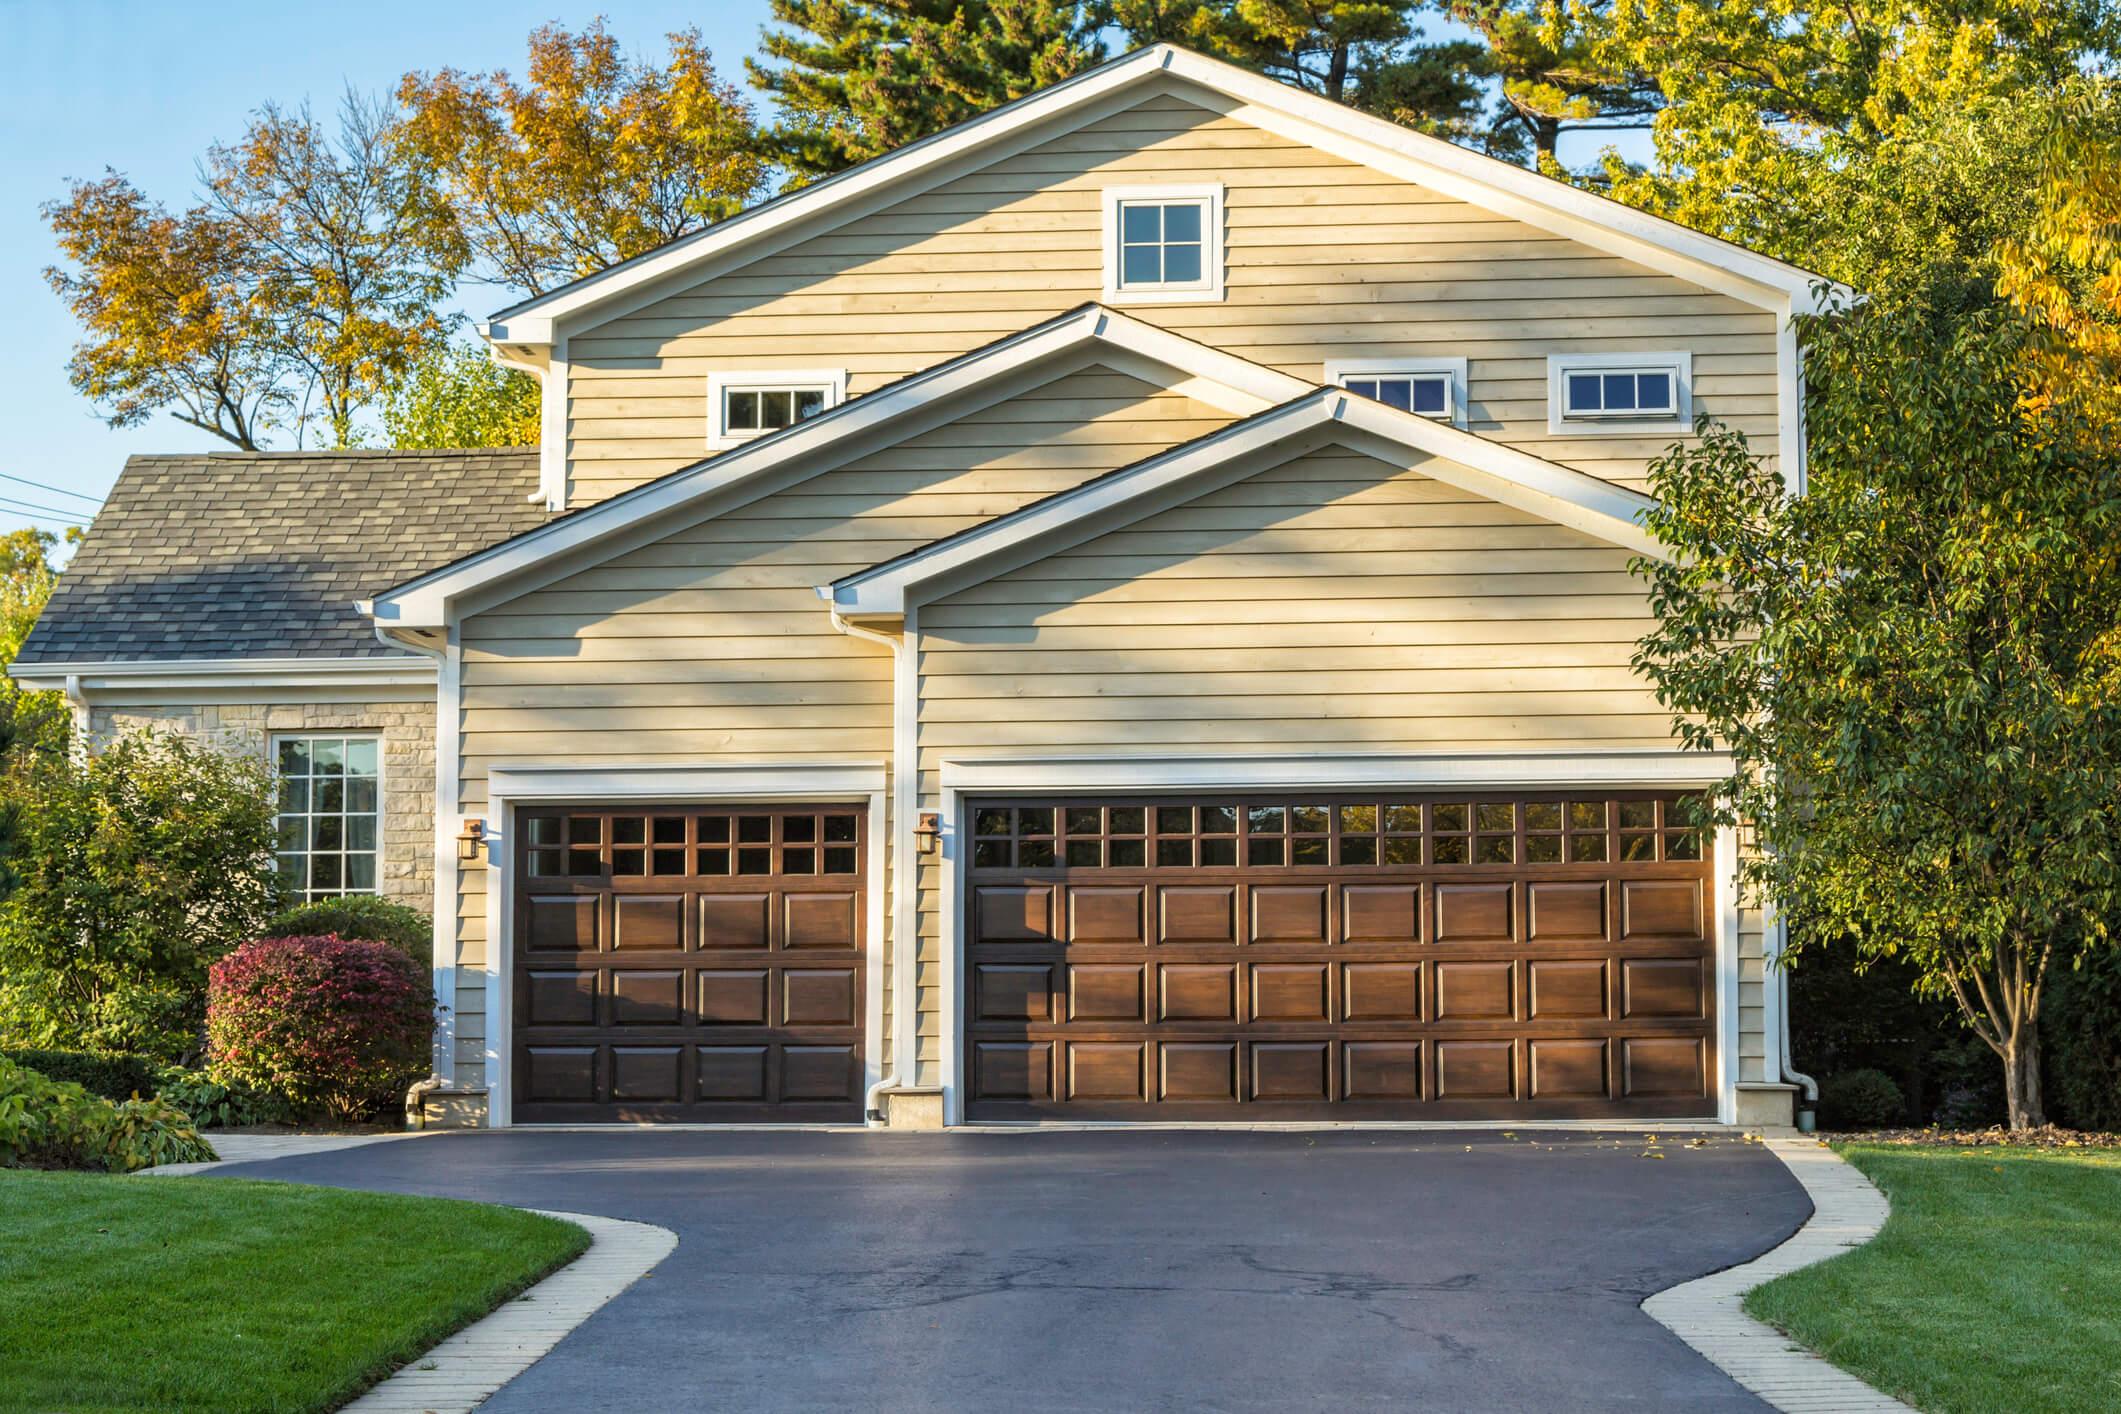 door des residential overhead courtyard collection moines doors garage